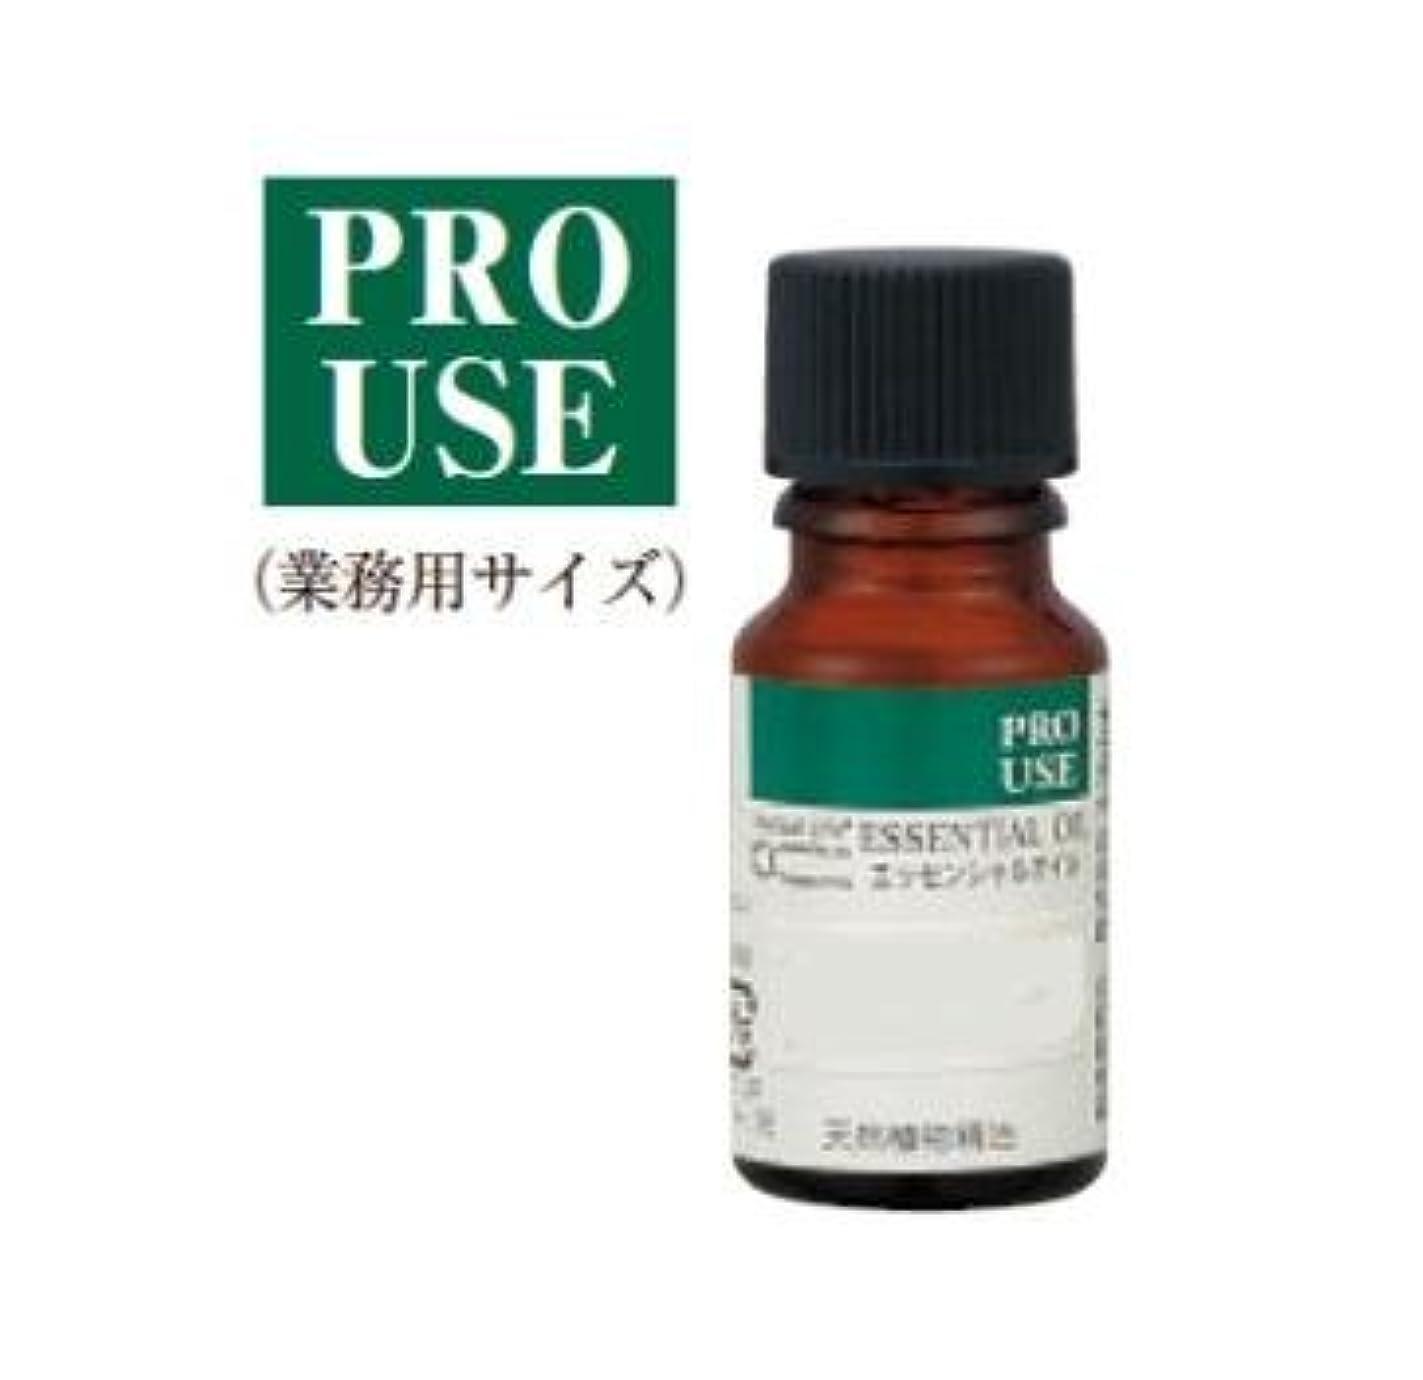 注ぎますにんじん事業内容生活の木 ジャスミンAbs.10ml エッセンシャルオイル/精油